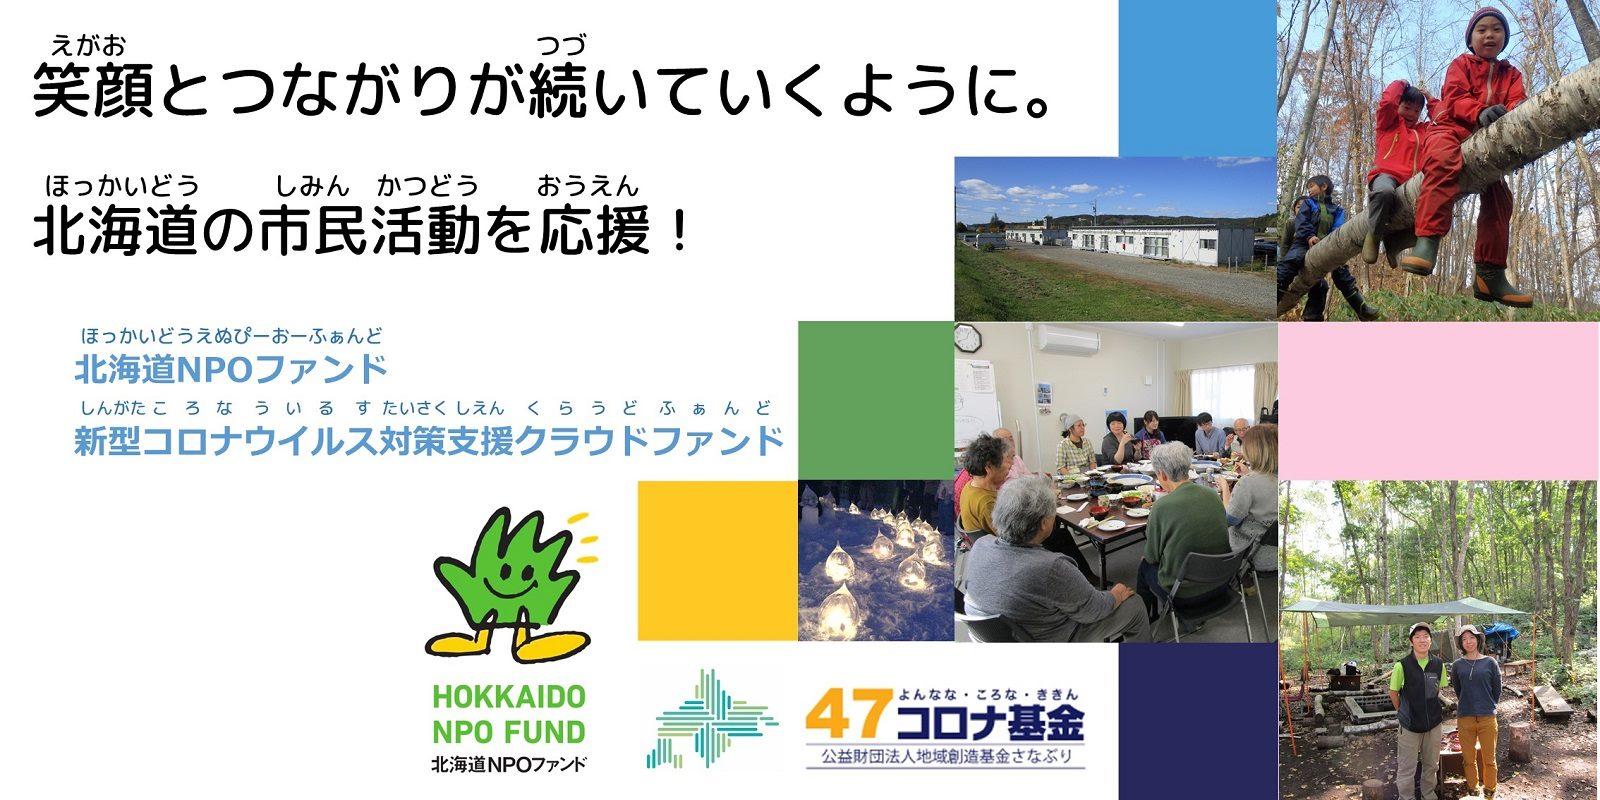 笑顔とつながりが続いていくように。北海道の市民活動を応援!|北海道NPOファンド